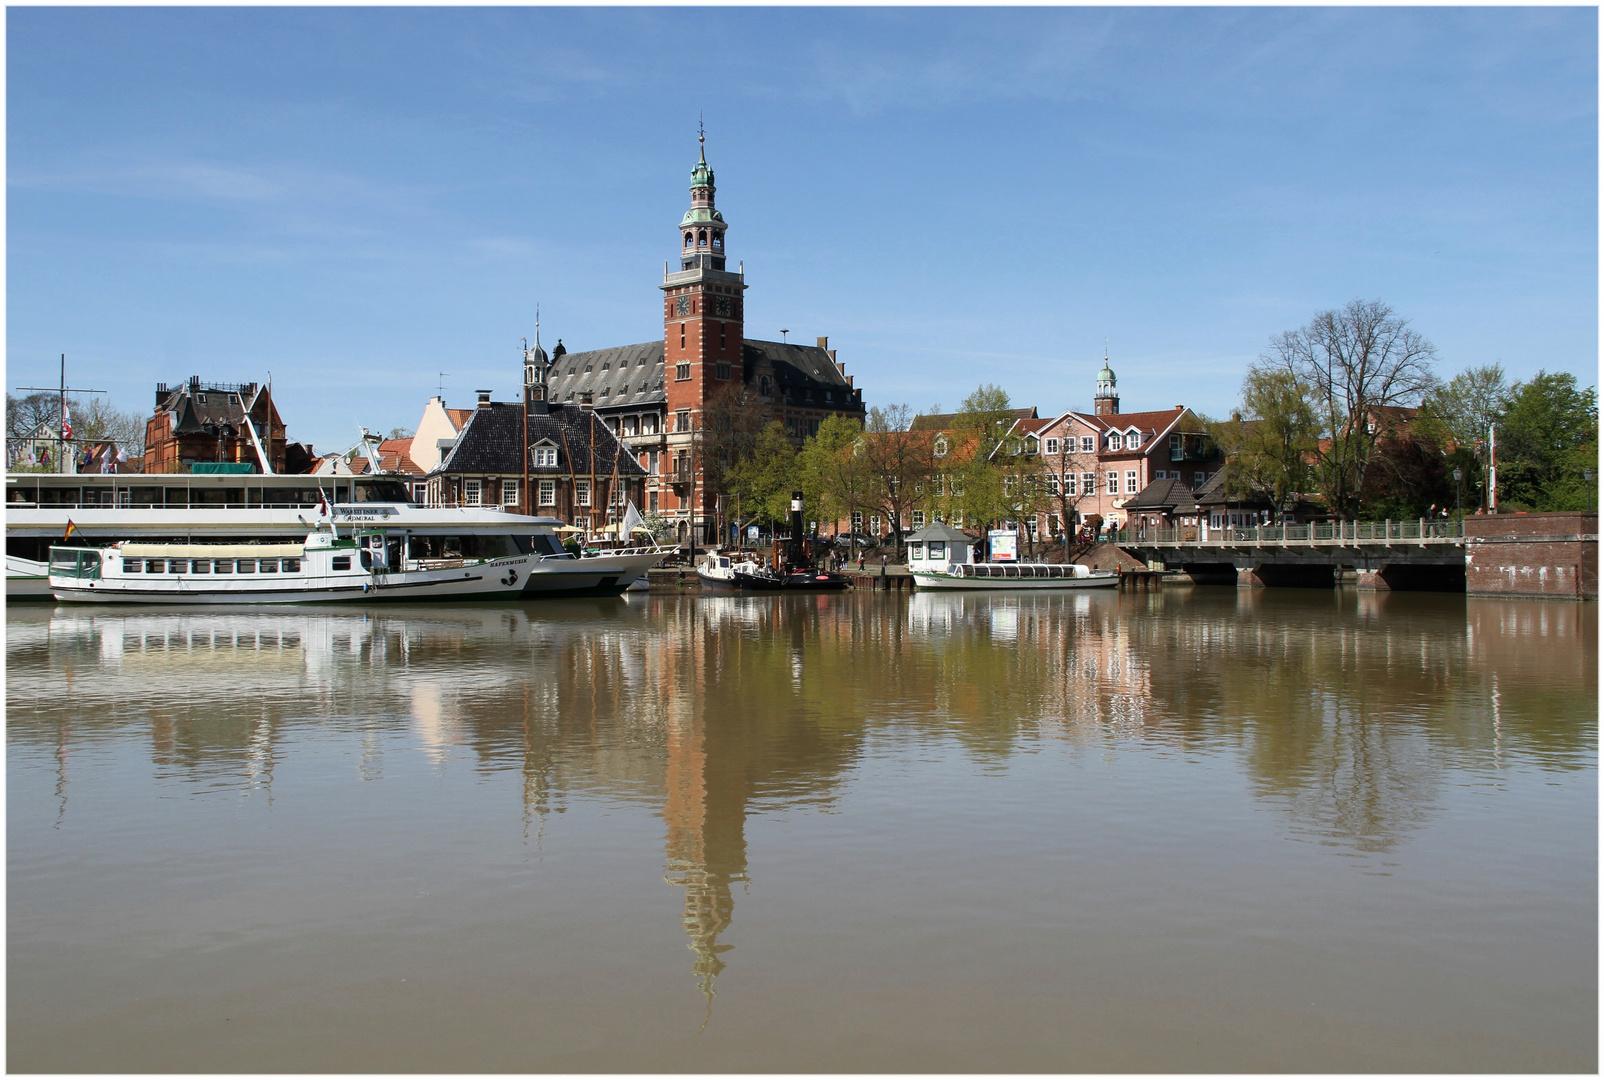 Leer ... eine der schönsten Städte in Ostfriesland